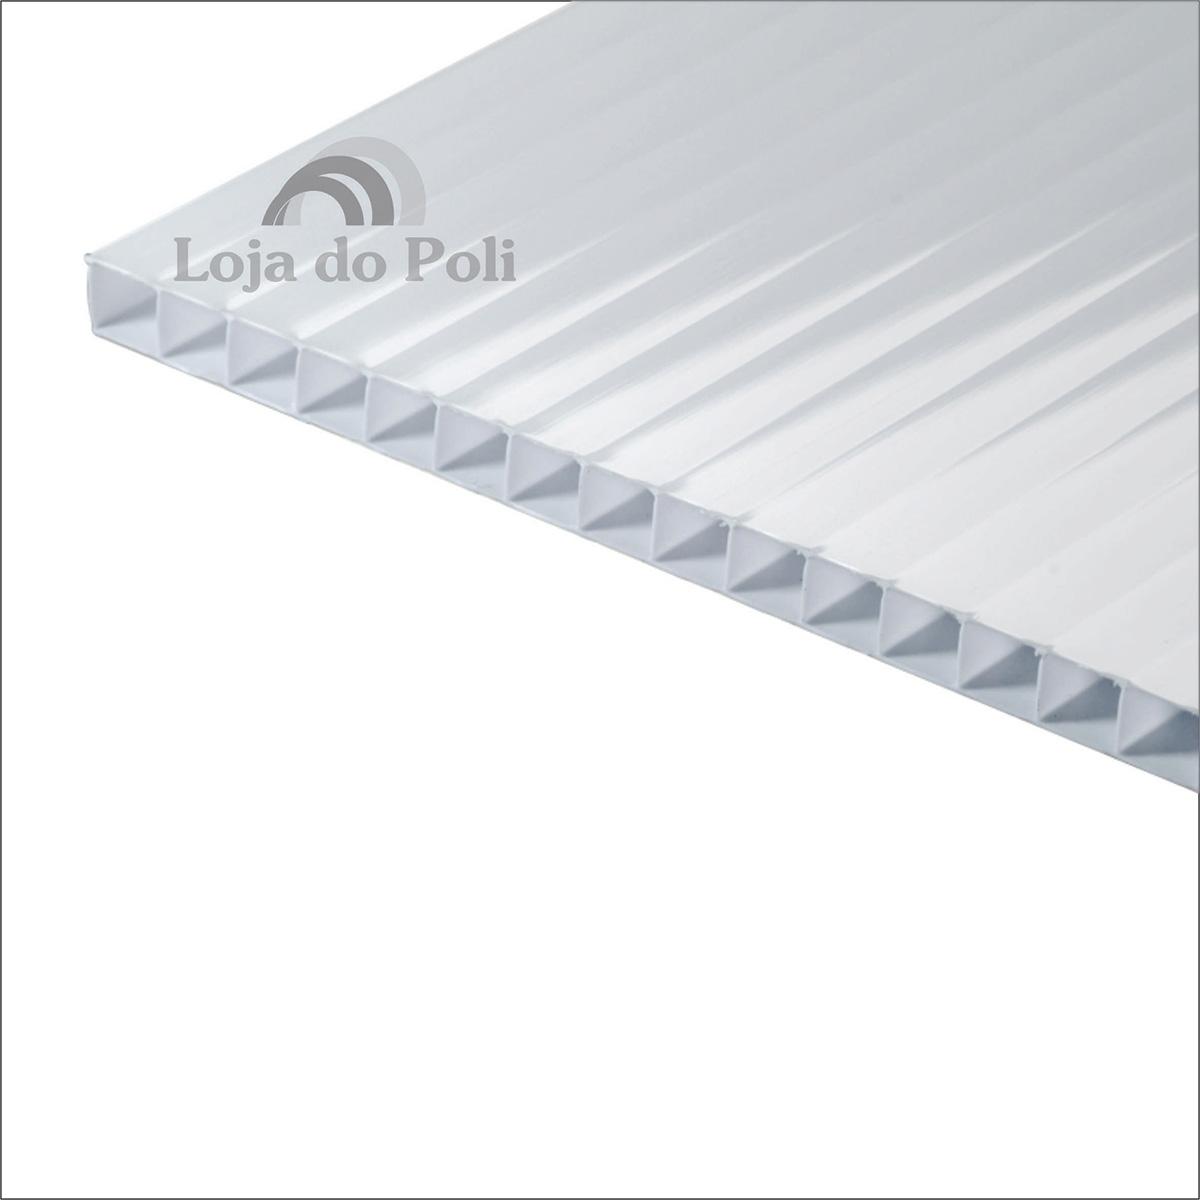 Chapa Policarbonato Alveolar Branco 4mm 1,0x6,0m